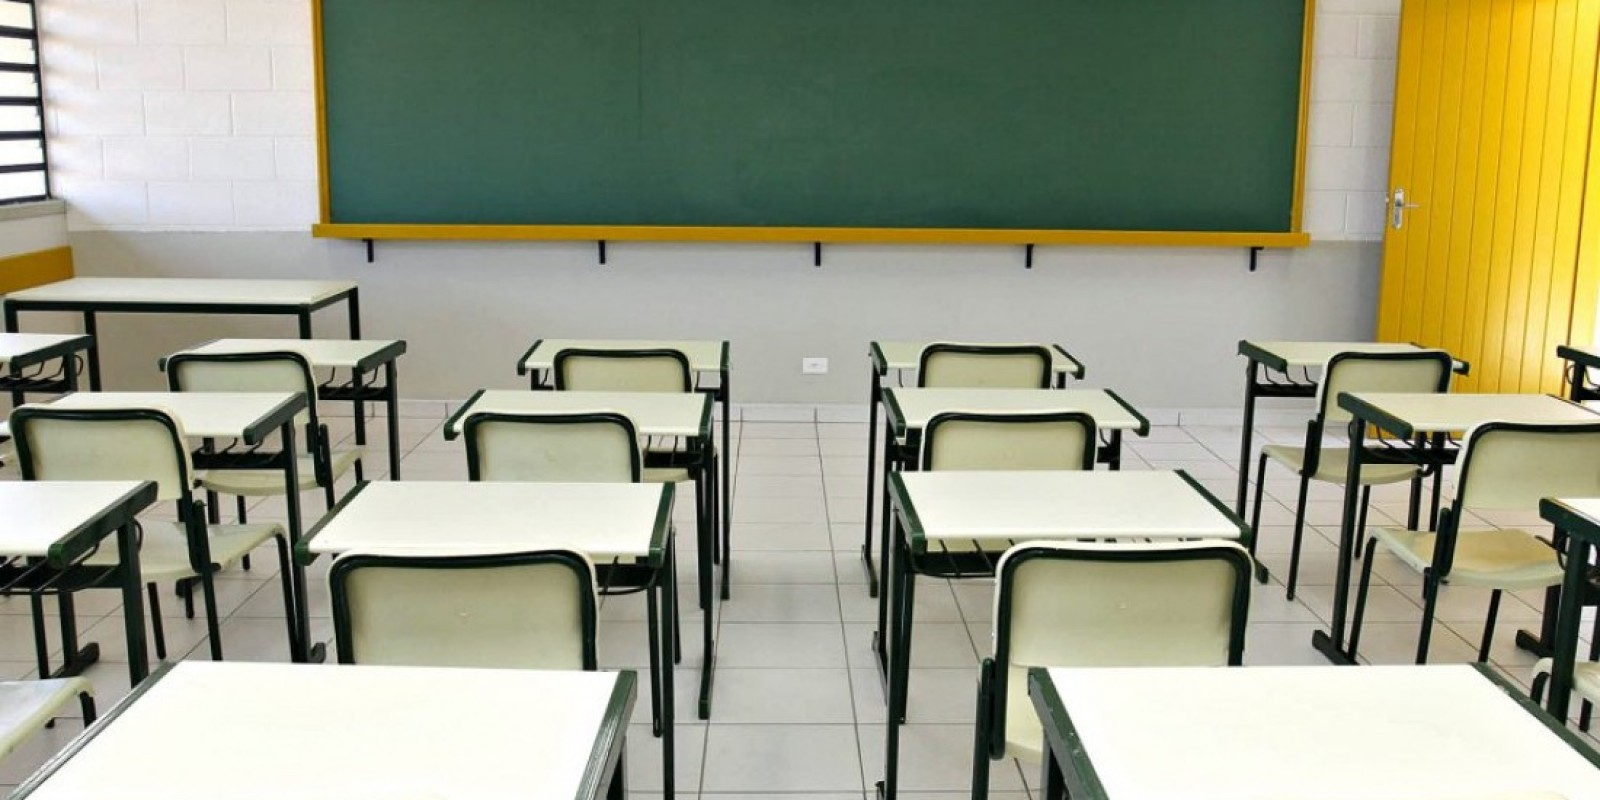 Rede estadual de ensino seguirá com aulas remotas até o fim do ano